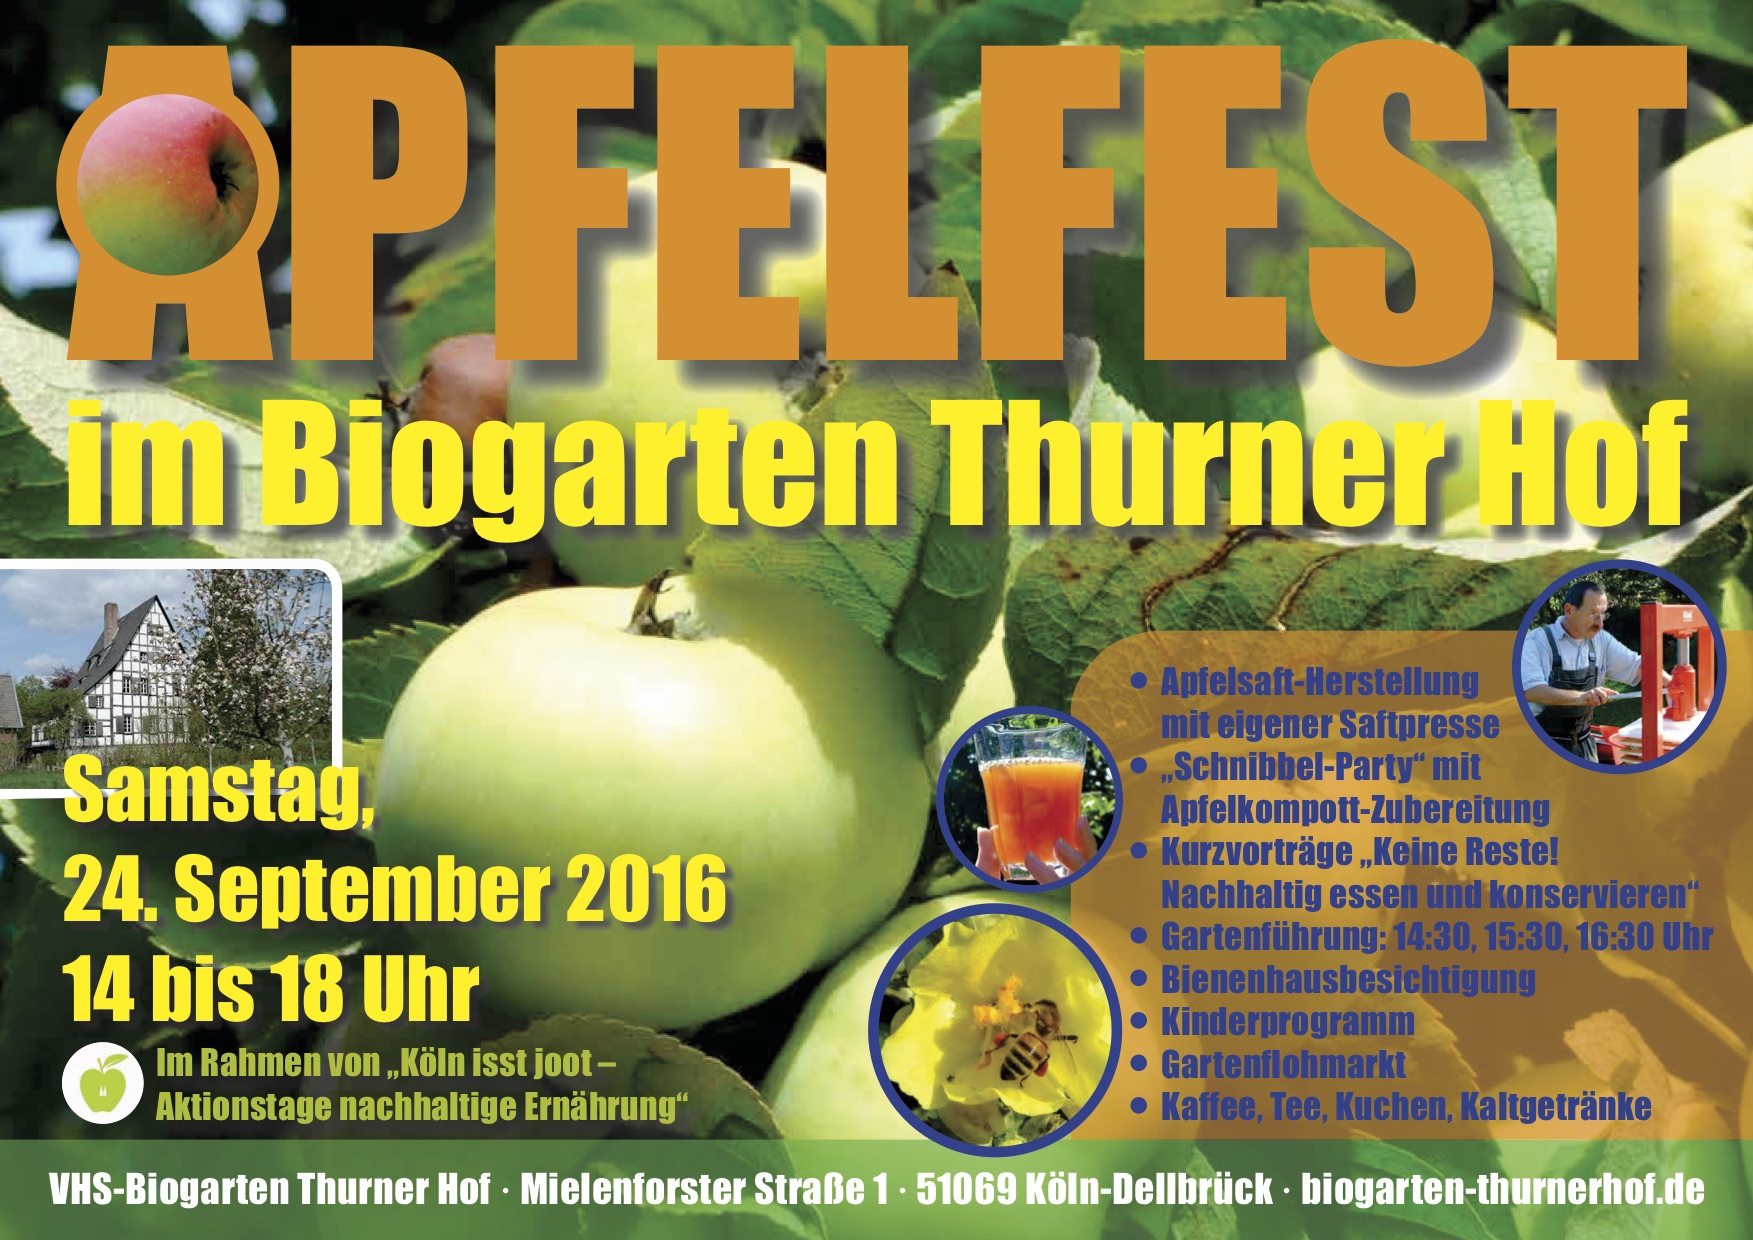 24.9. – Herbstfest im Biogarten: Rund um den Apfel